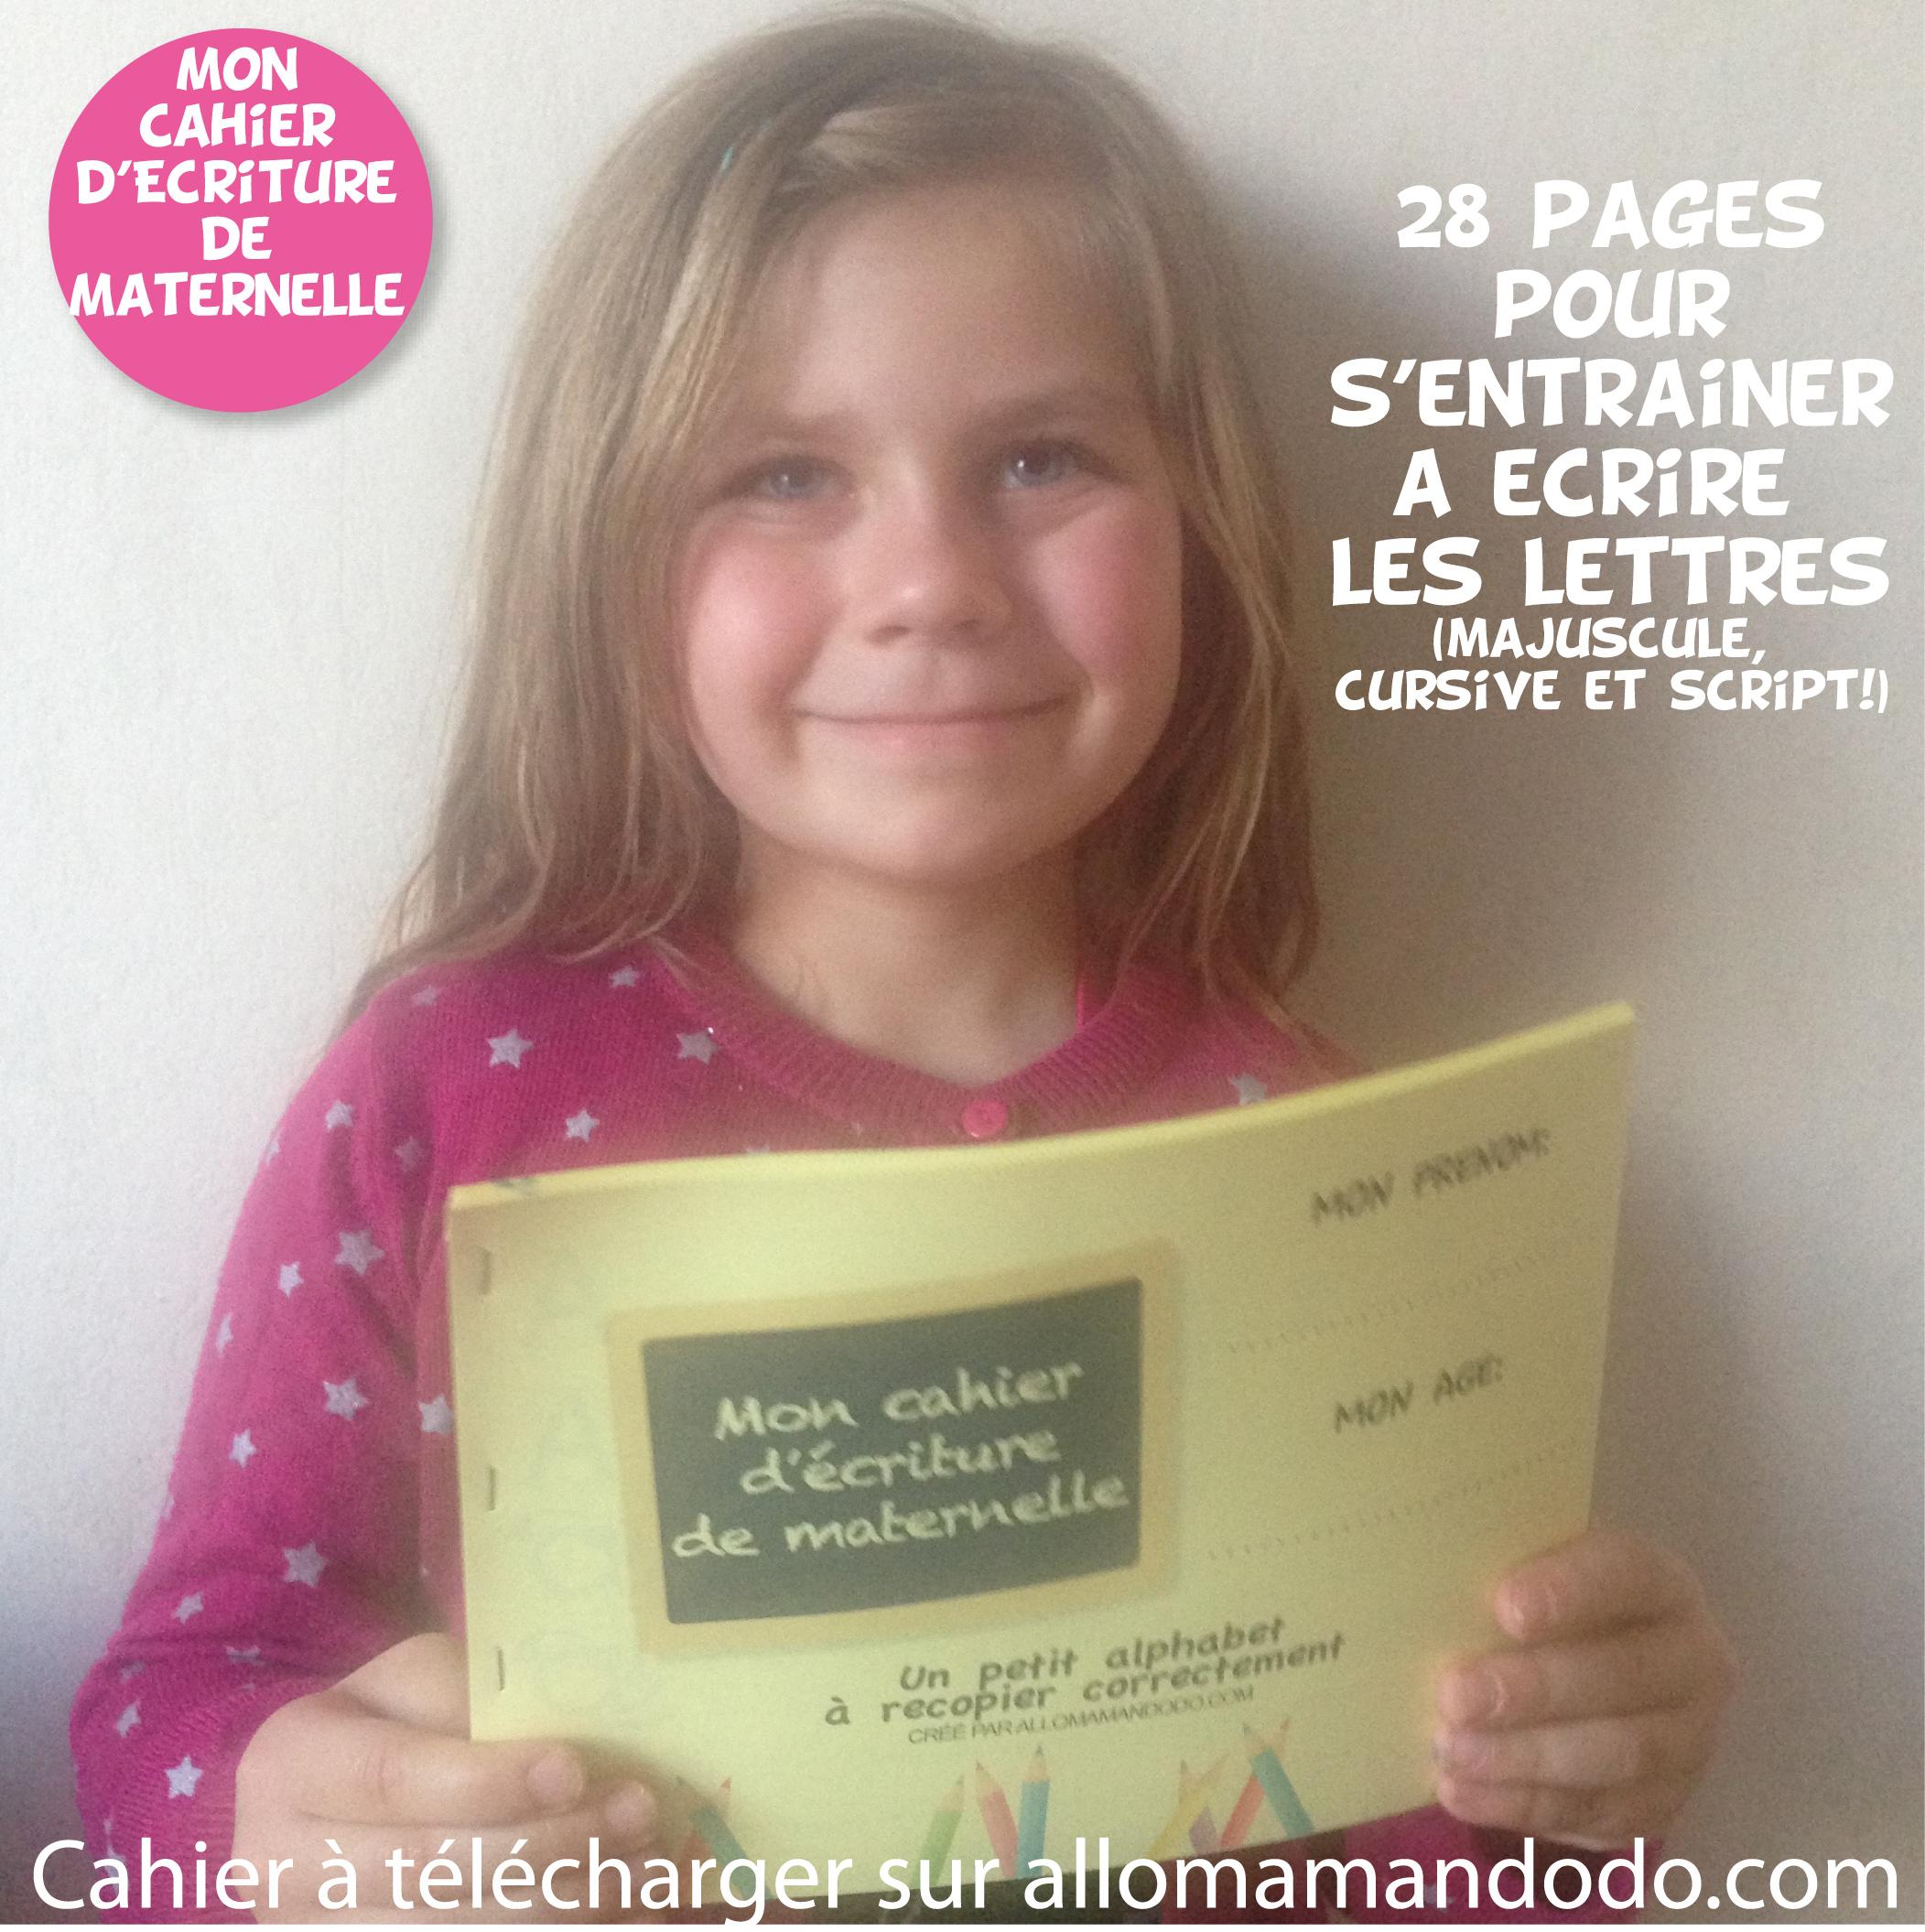 Le Cahier D'écriture De Maternelle À Télécharger ( Gratuit destiné Apprendre À Écrire L Alphabet En Maternelle